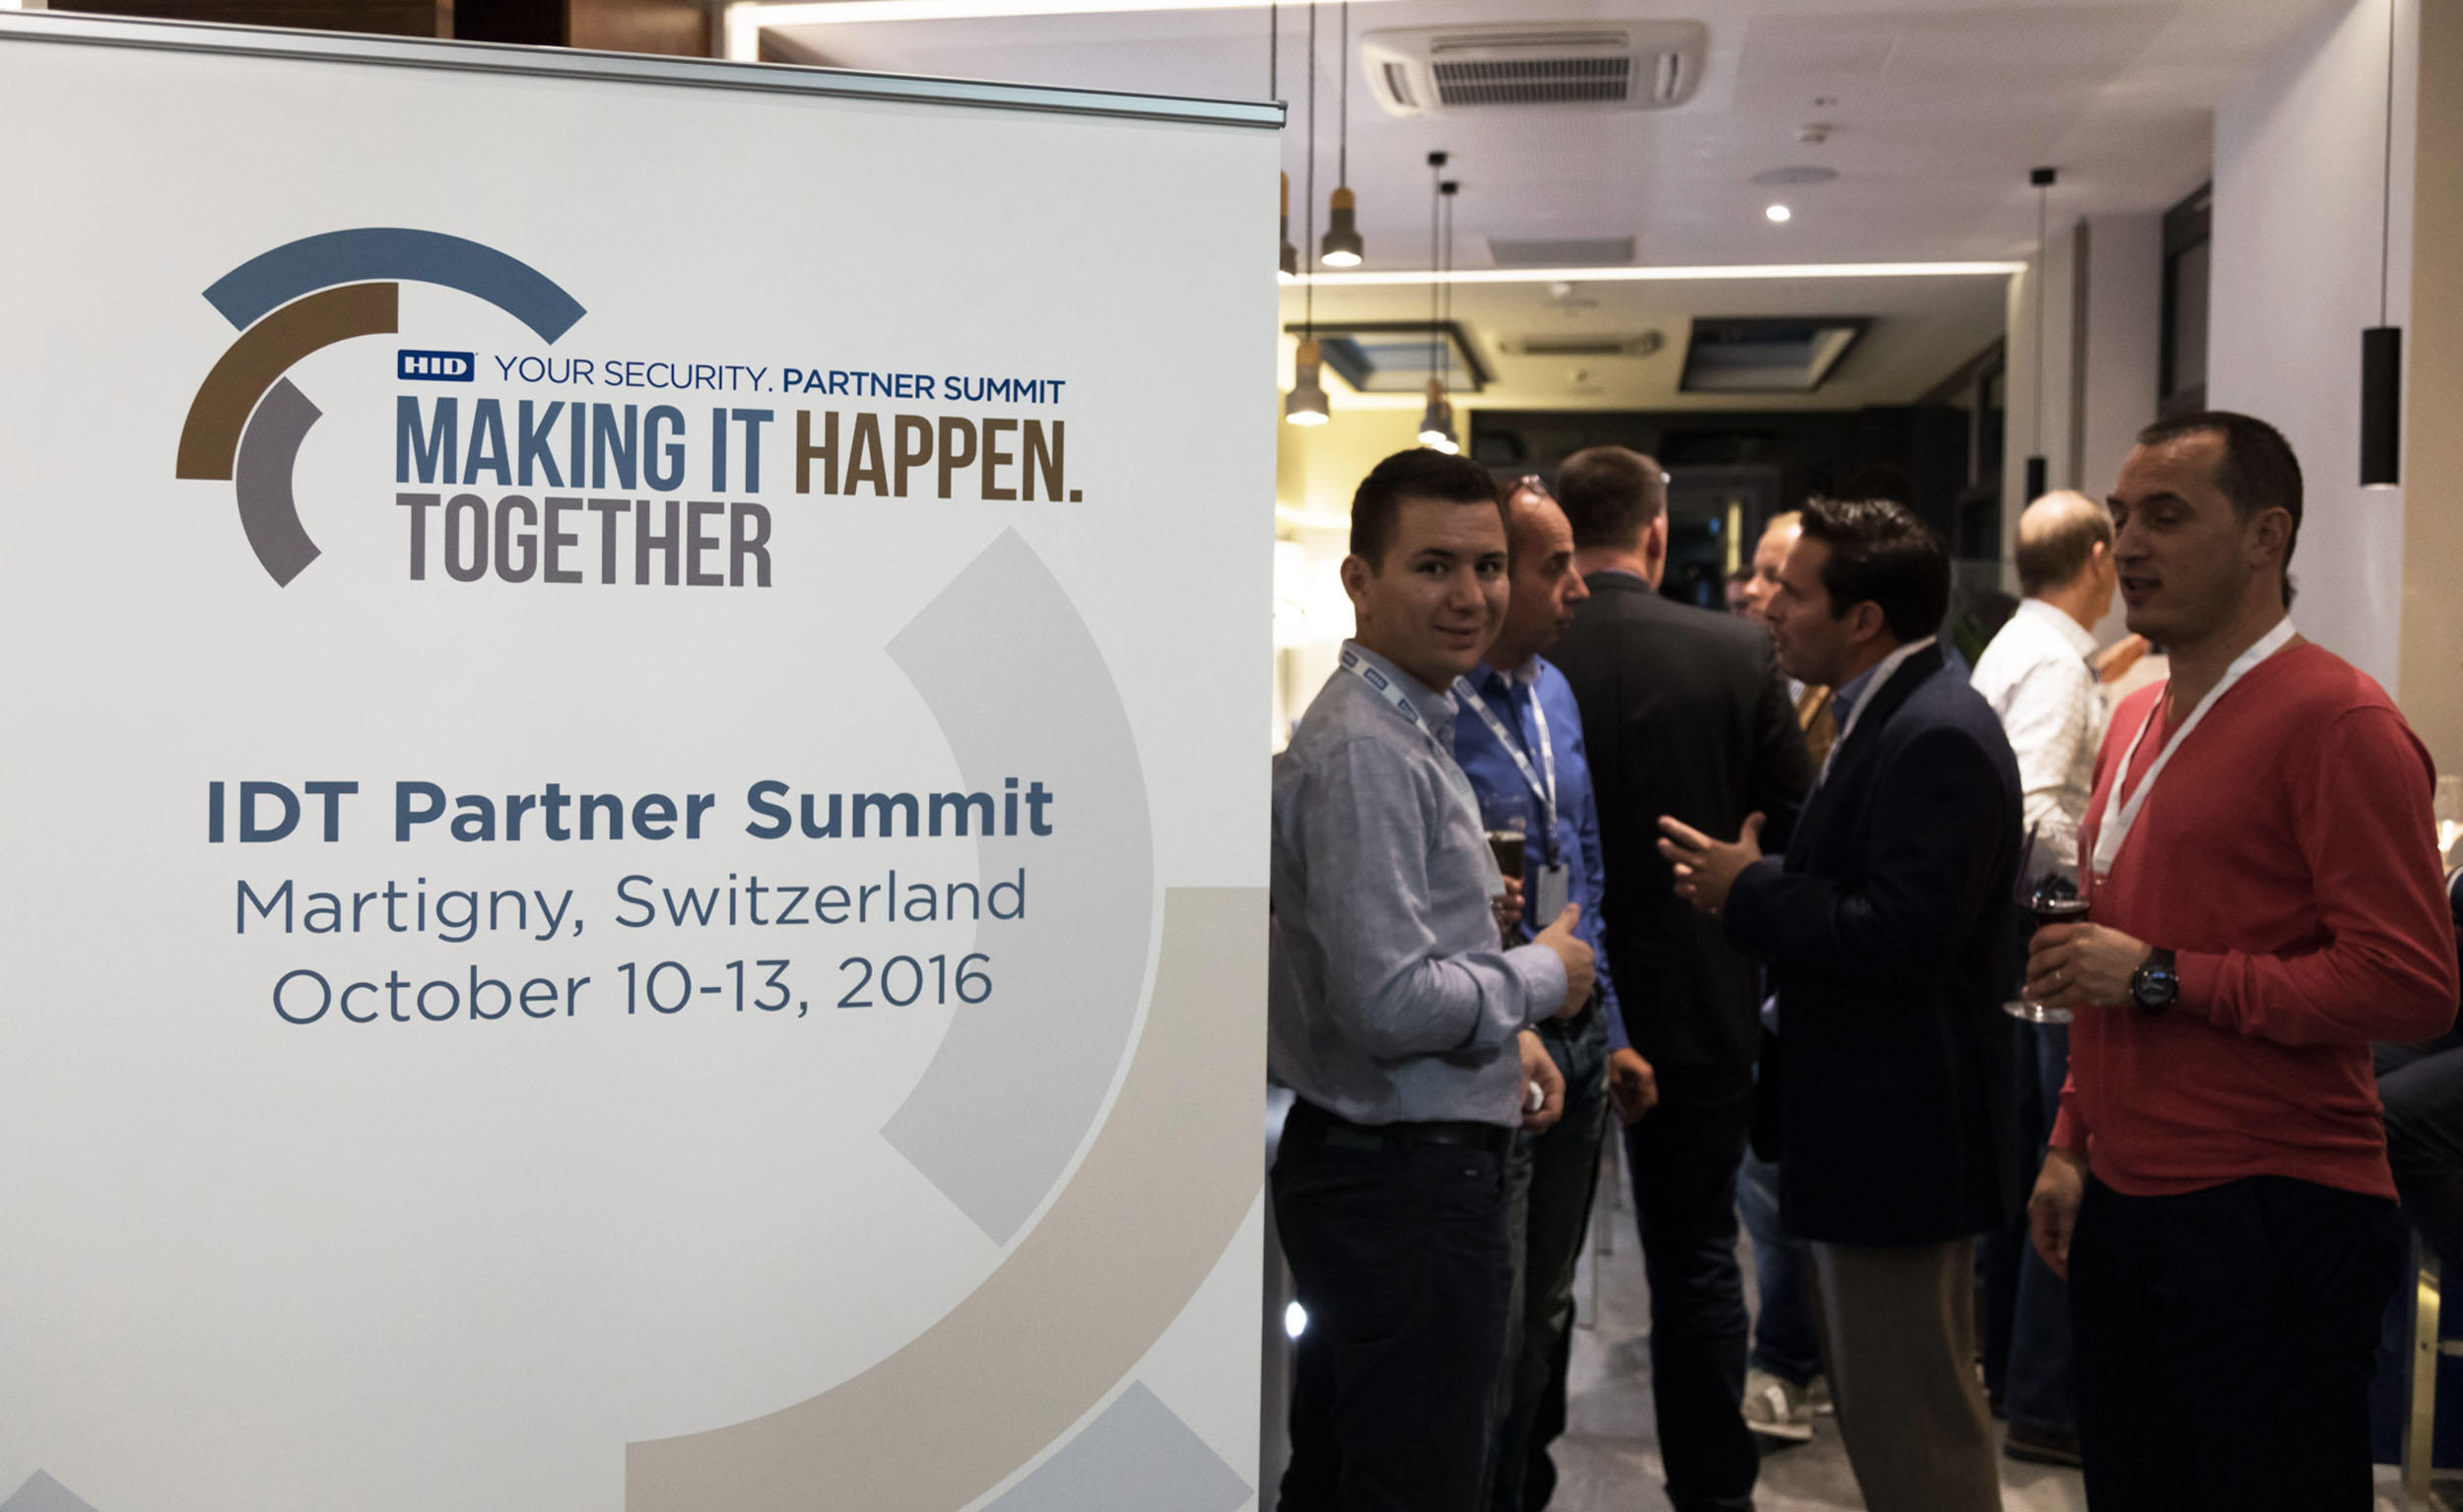 idt-partner-summit-2016